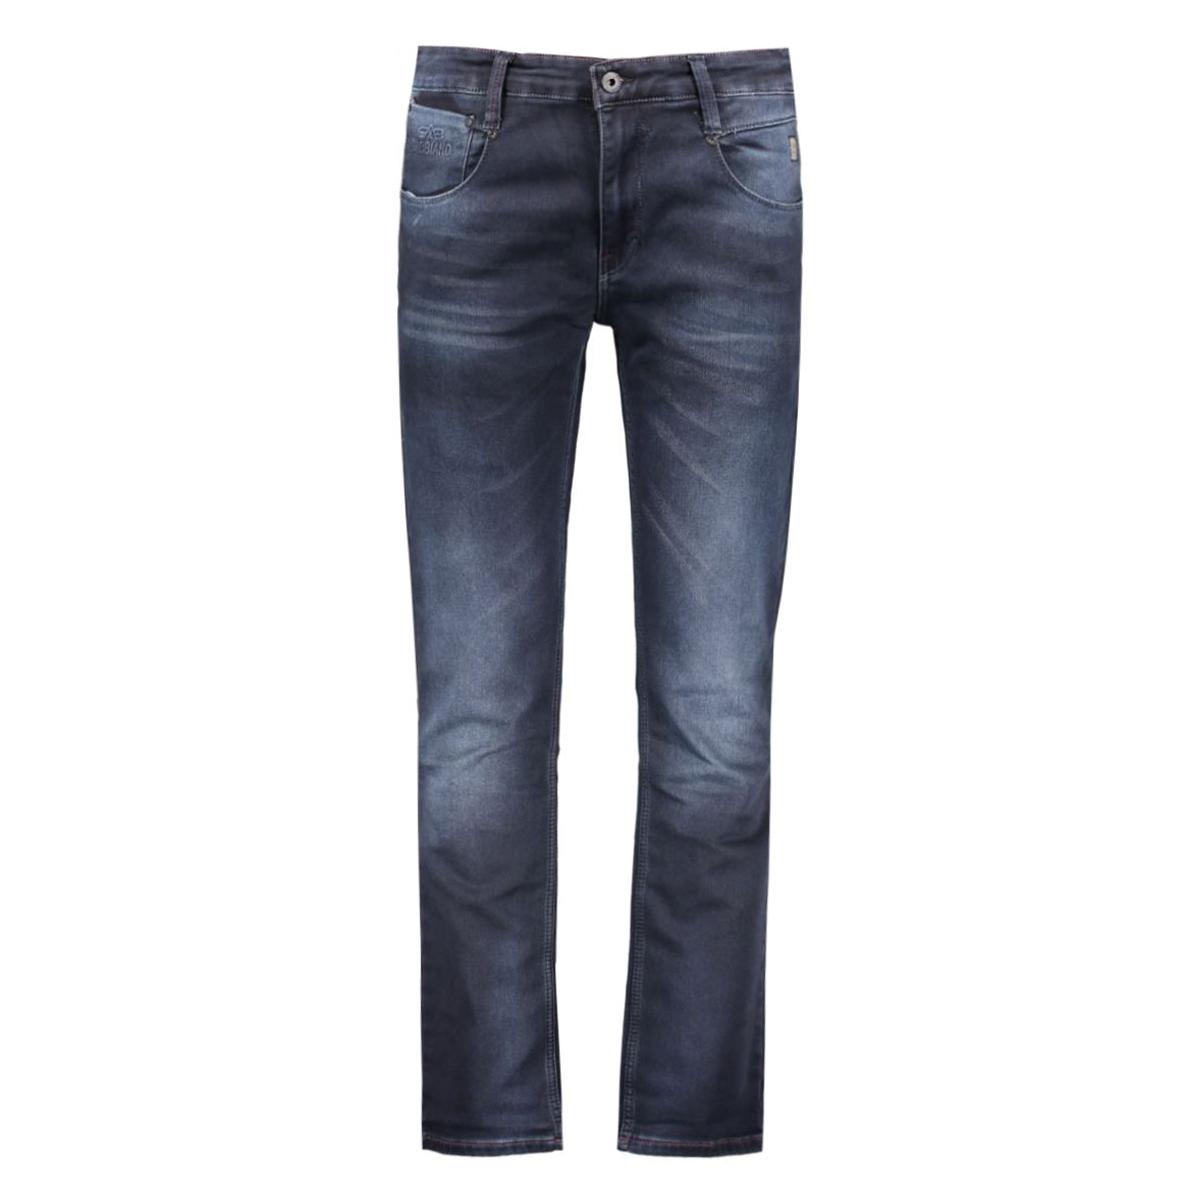 treviso jeans jog gabbiano jeans dark blue